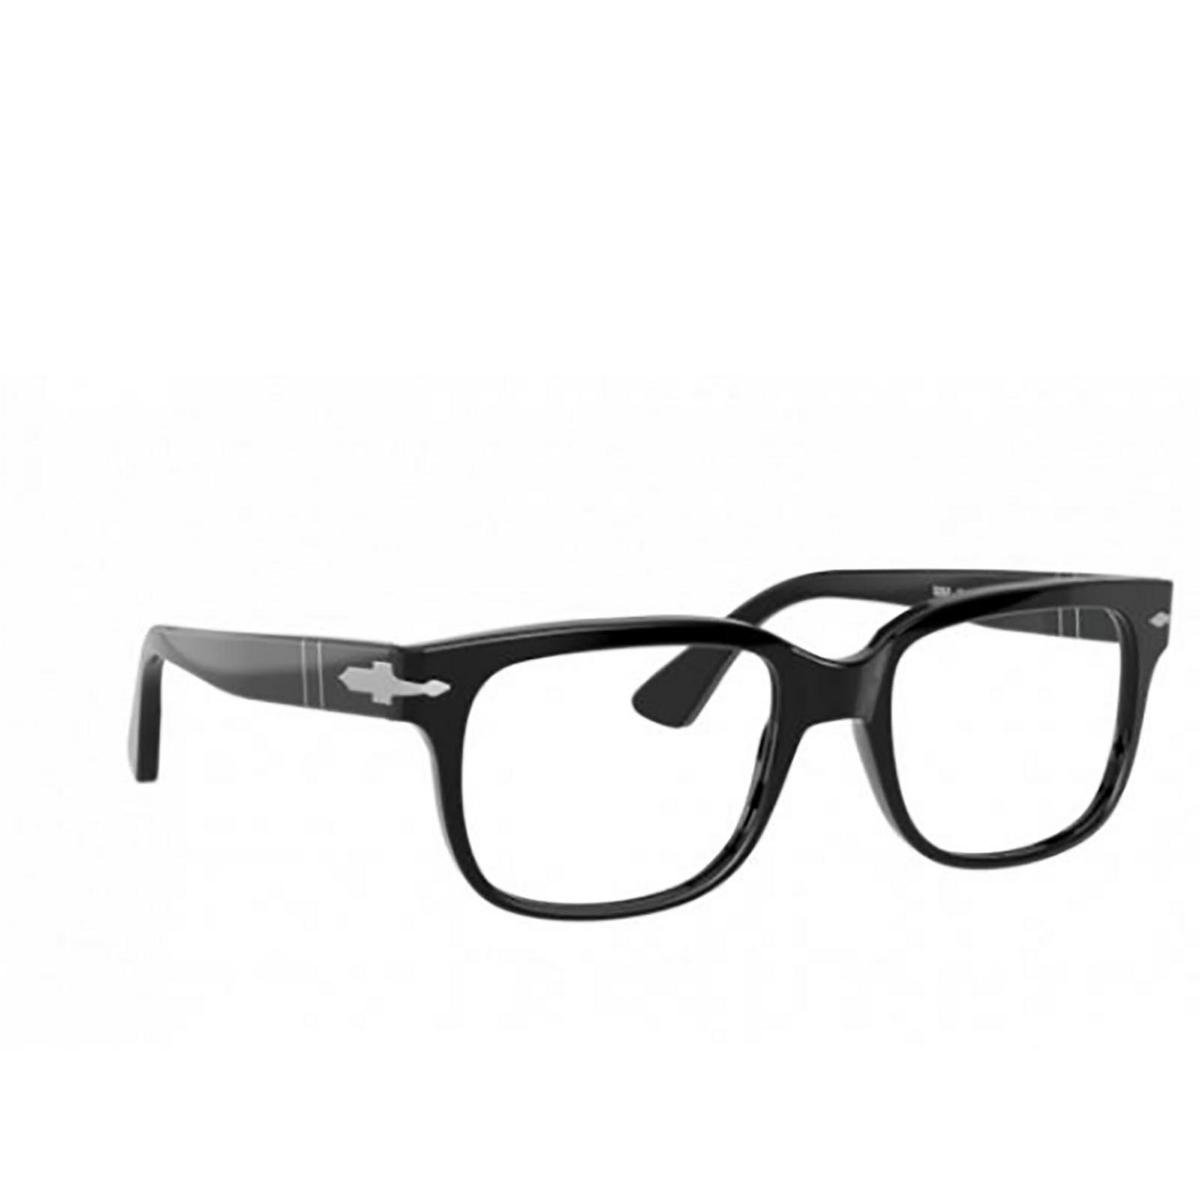 Persol® Square Eyeglasses: PO3252V color Black 95 - three-quarters view.